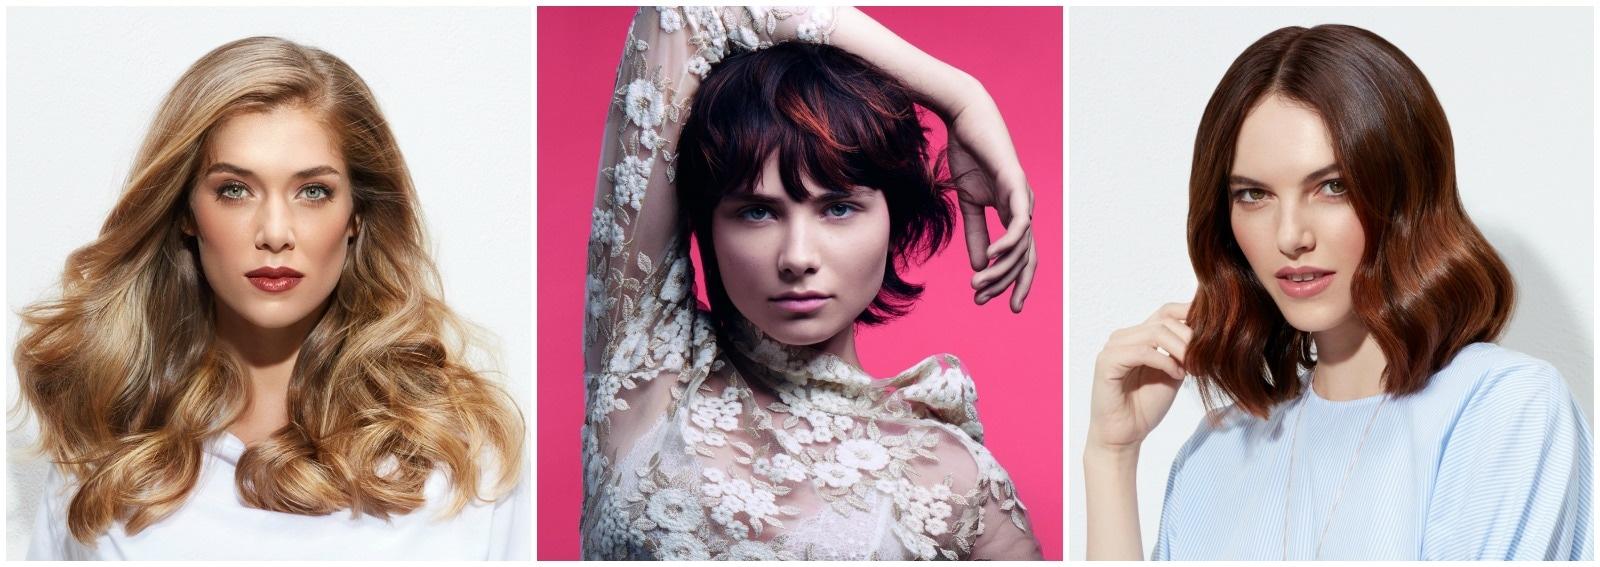 tendenze capelli saloni primavera estate 2017 cover desktop 01 5cdd52f1a97b